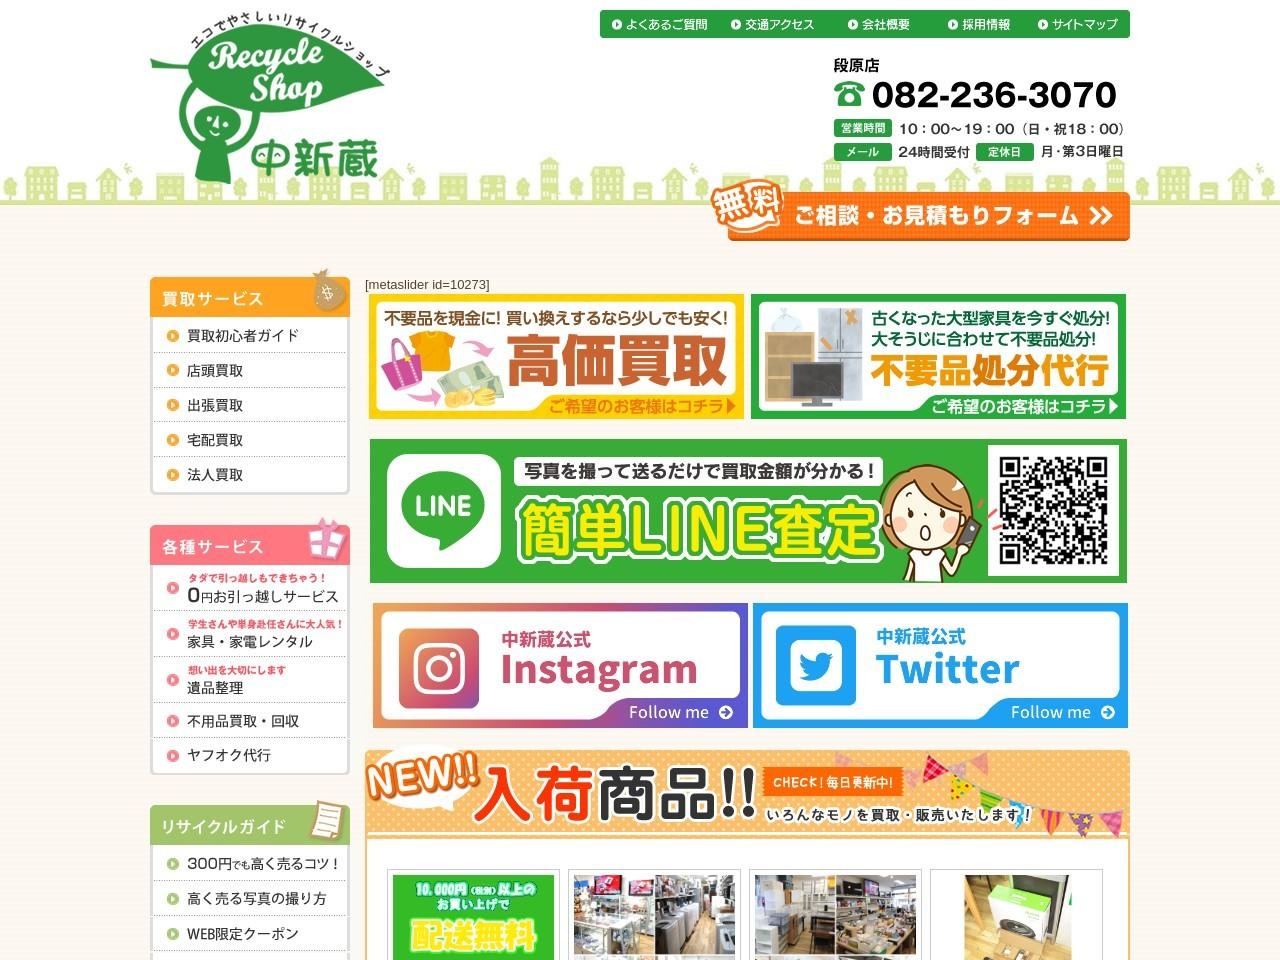 広島県のリサイクルショップ中新蔵 | 中古・新品・蔵ぞろえのお店です!ご家庭の不要なものを出張買取・高価買取いたします!遺品整理・お引っ越し見積もりも承っております。フリーダイヤル0120-707-888